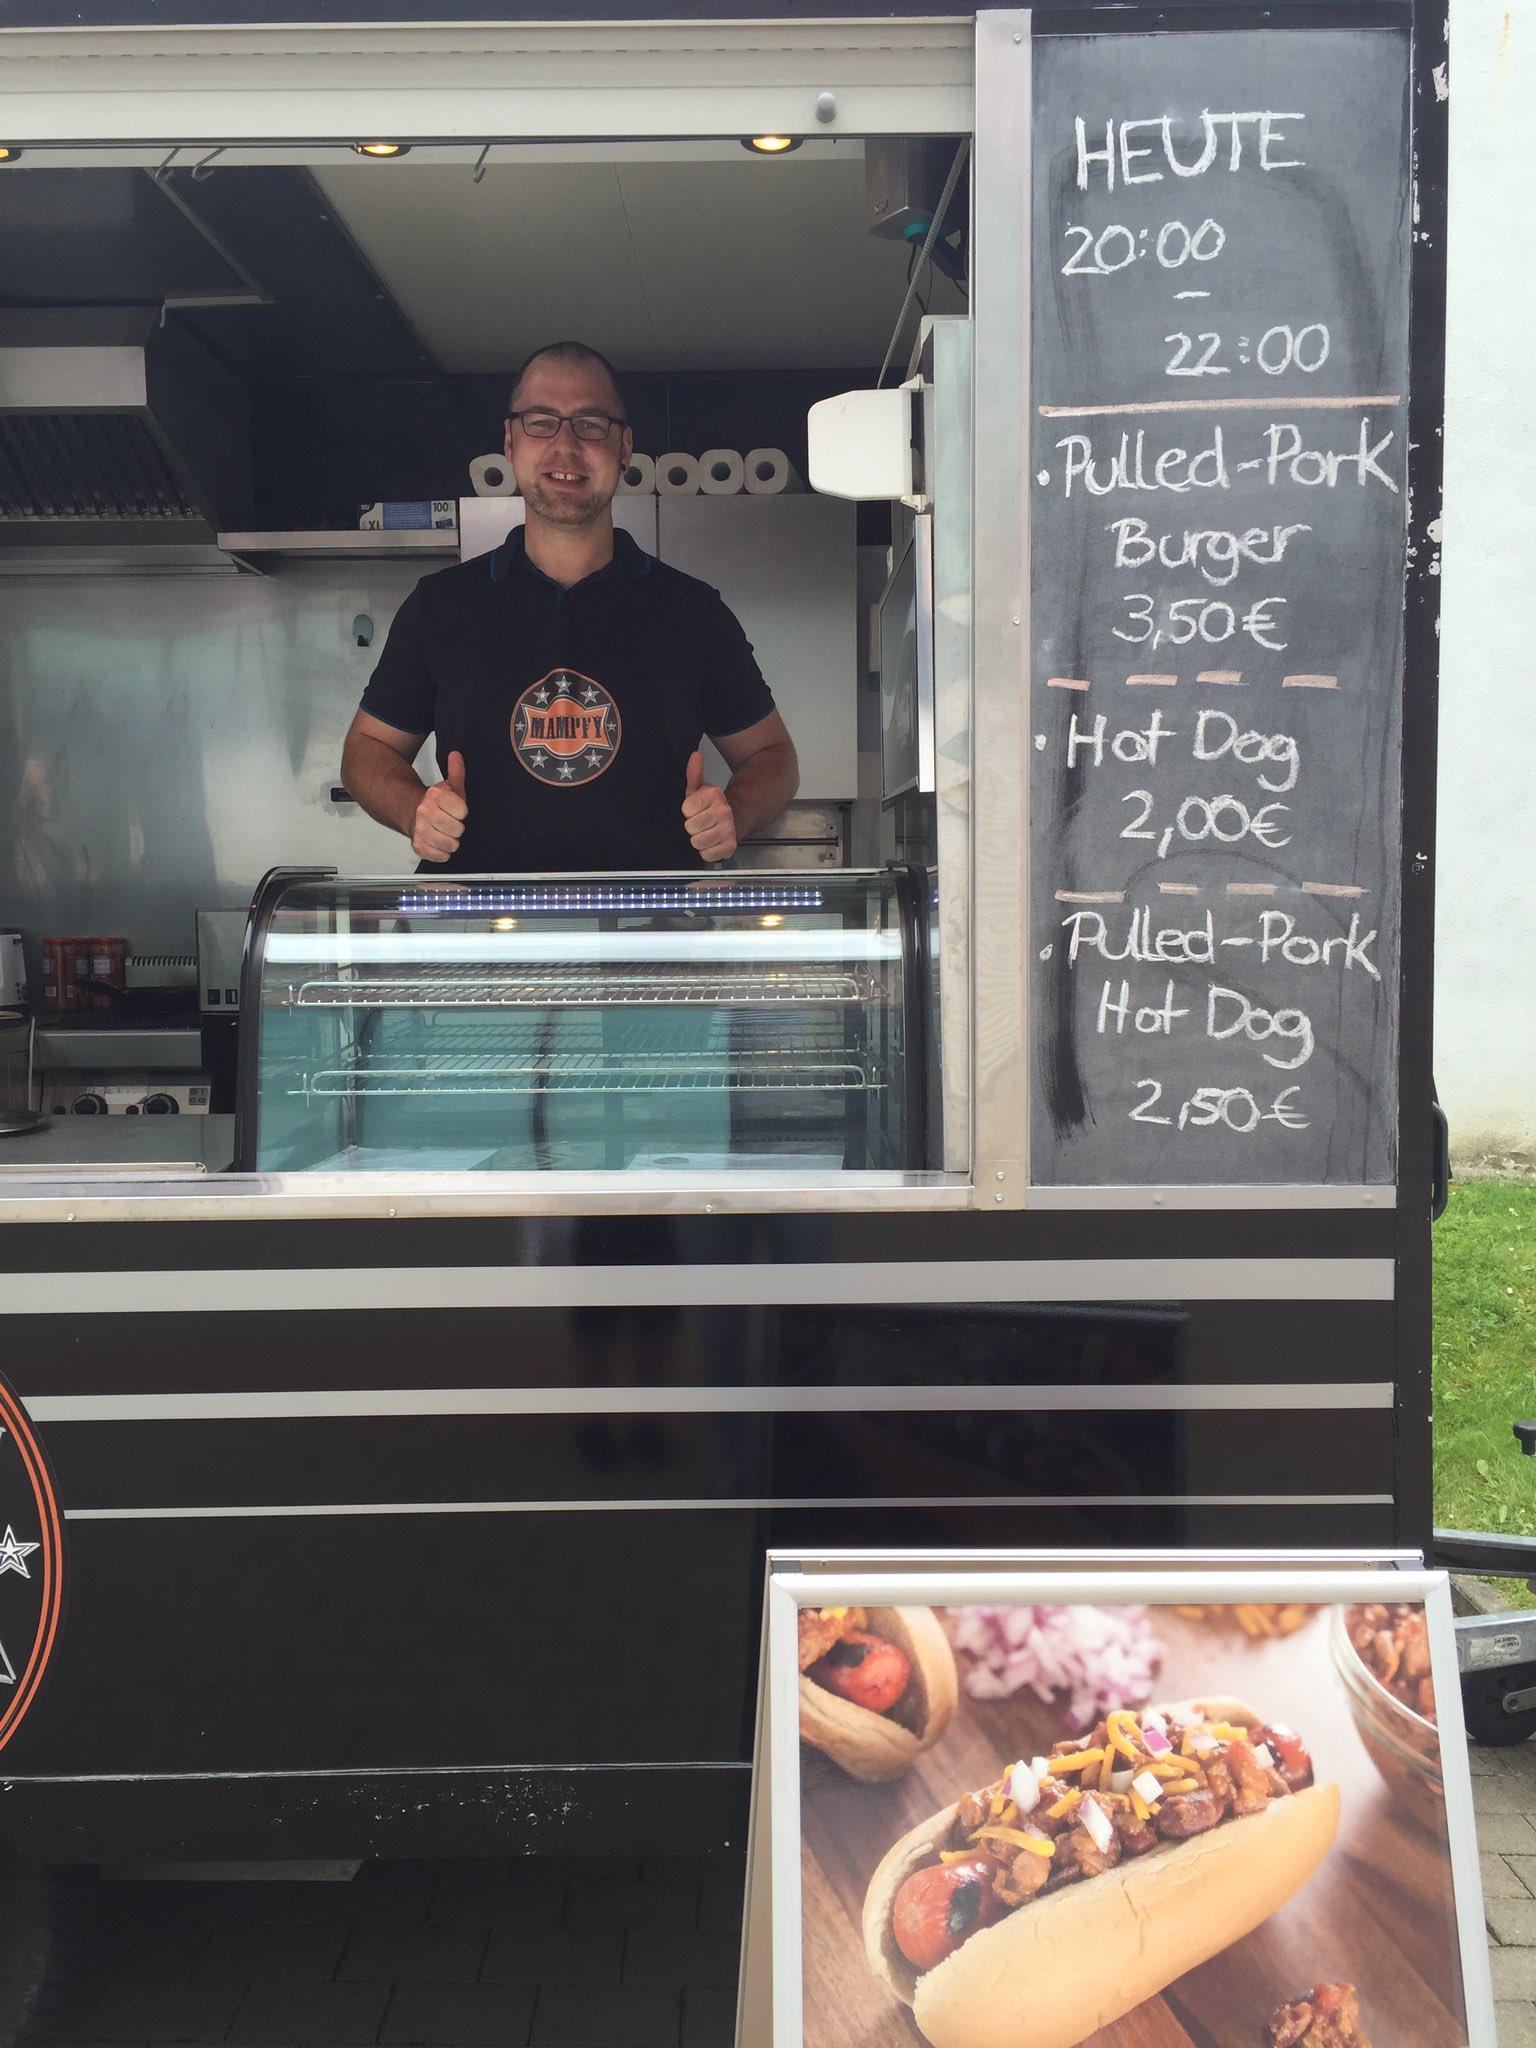 Jonas von #Mampfy bekocht uns morgen auf der #ADD_ON, heute von 20-22 Uhr könnt ihr seine Burger & Hotdogs vor Haus 9 @HS_Harz schon kaufen. https://t.co/cFzW1E8URz